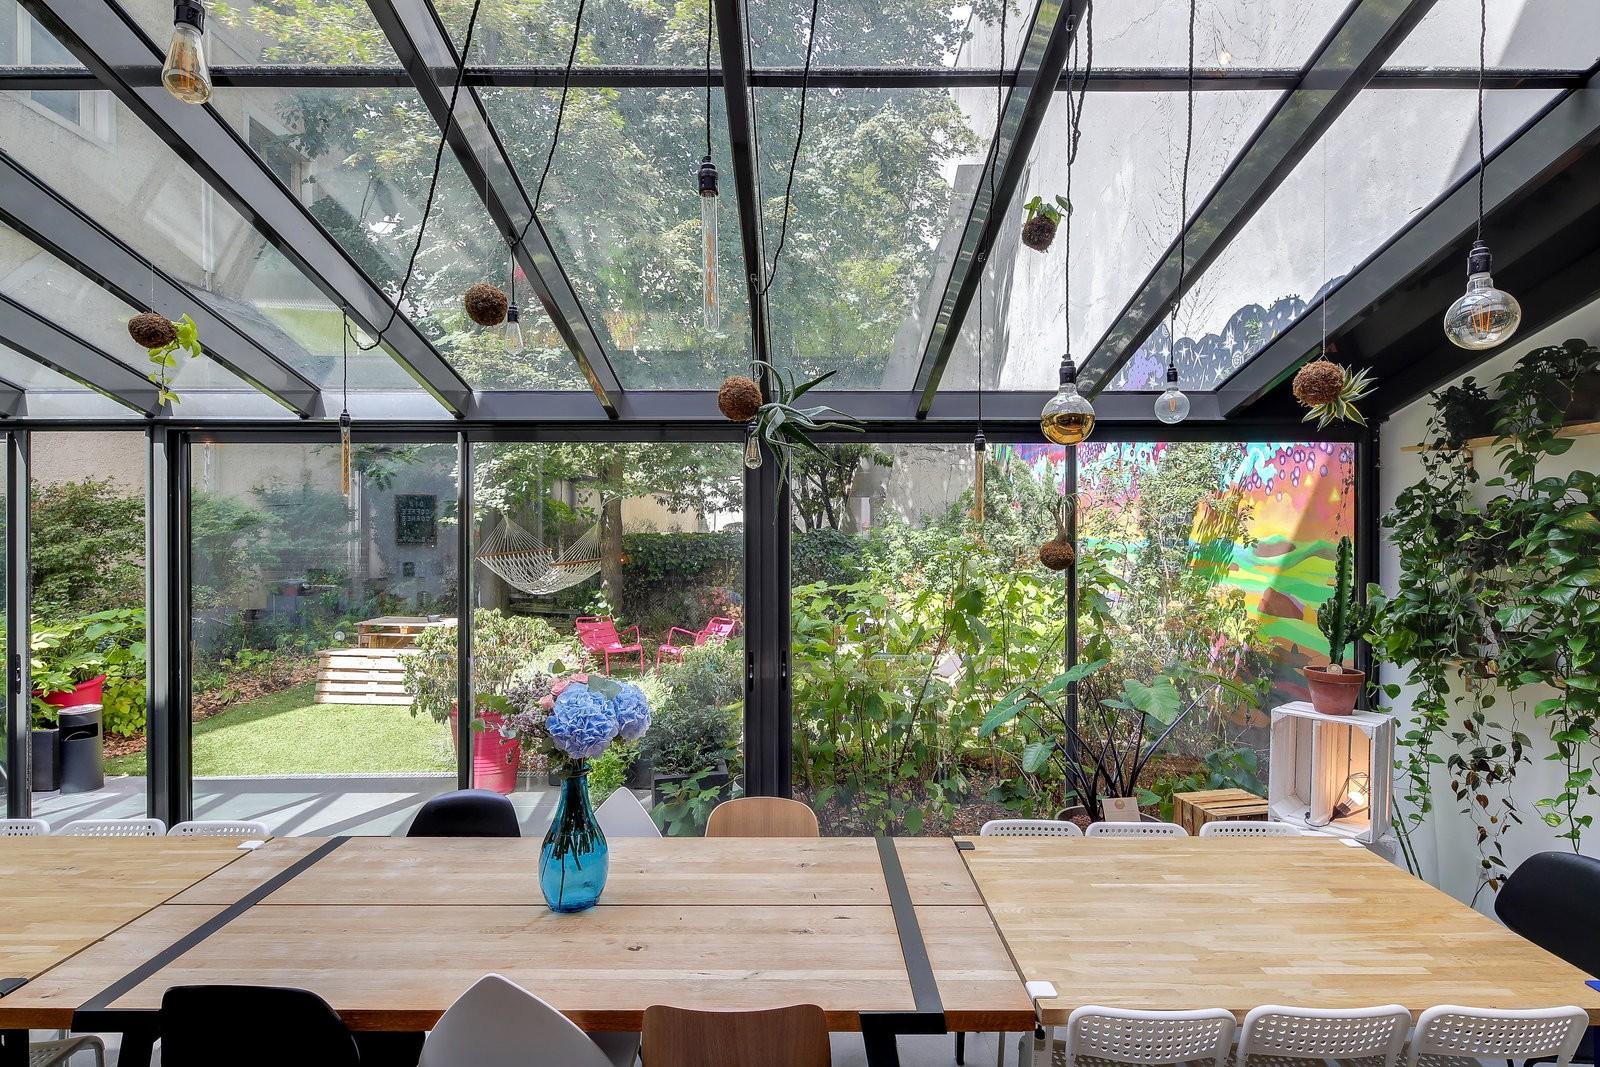 Magnifique maison atypique avec verrière et un très grand jardin coloré en plein coeur de Paris